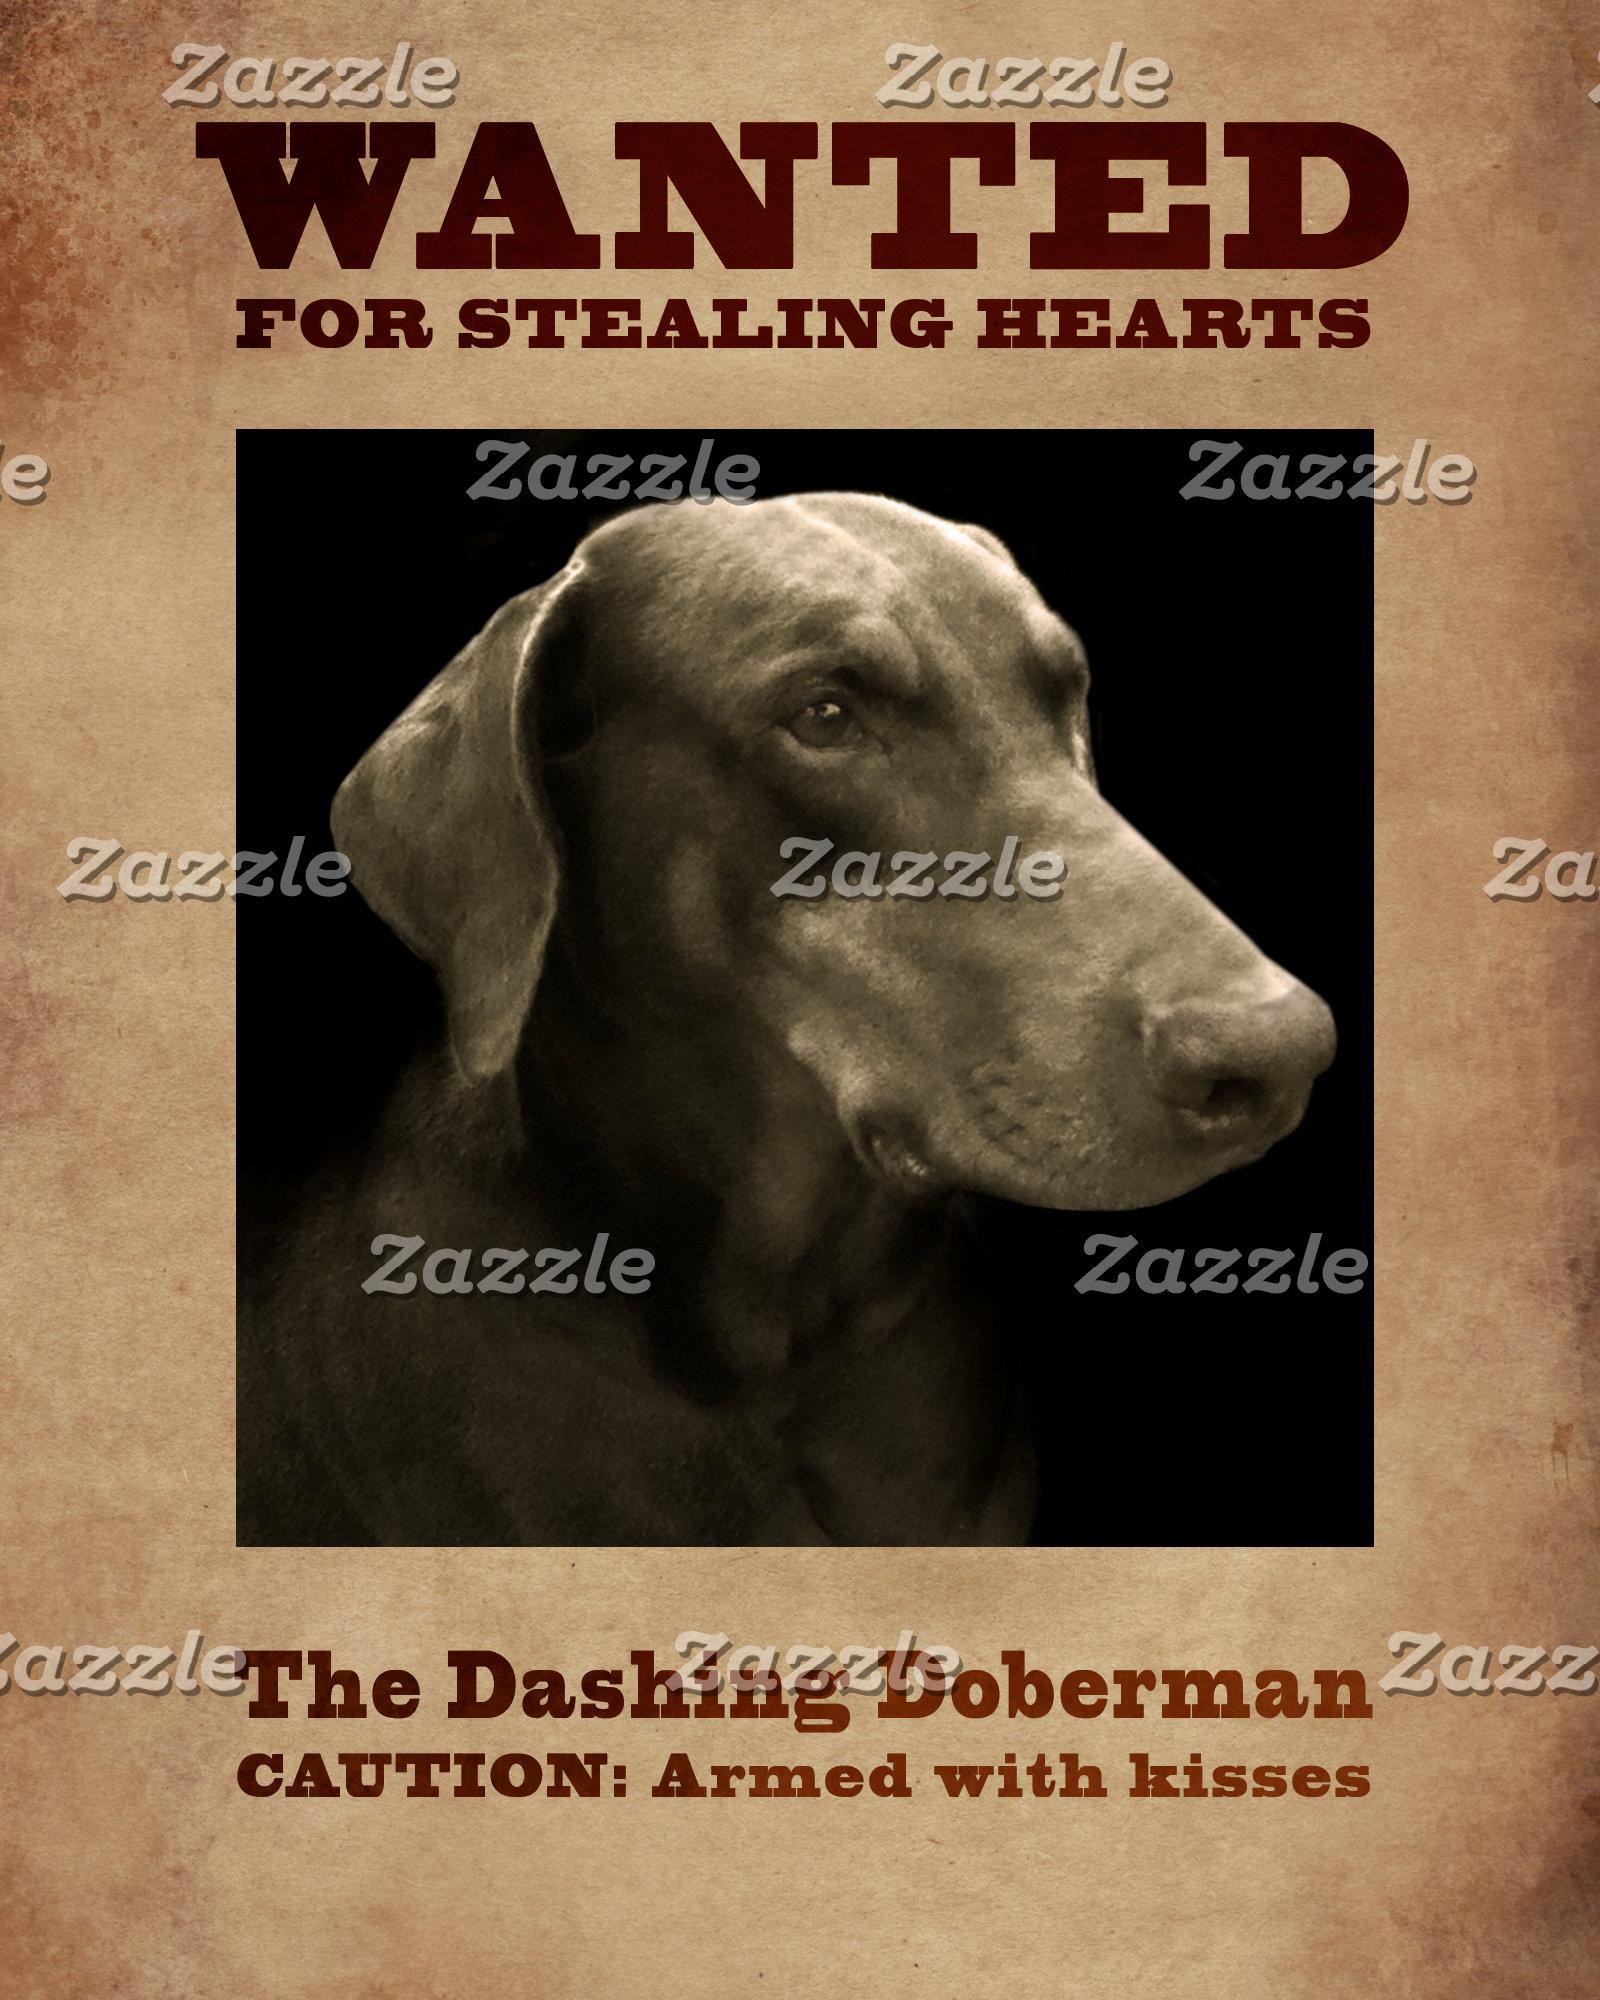 The Dashing Doberman